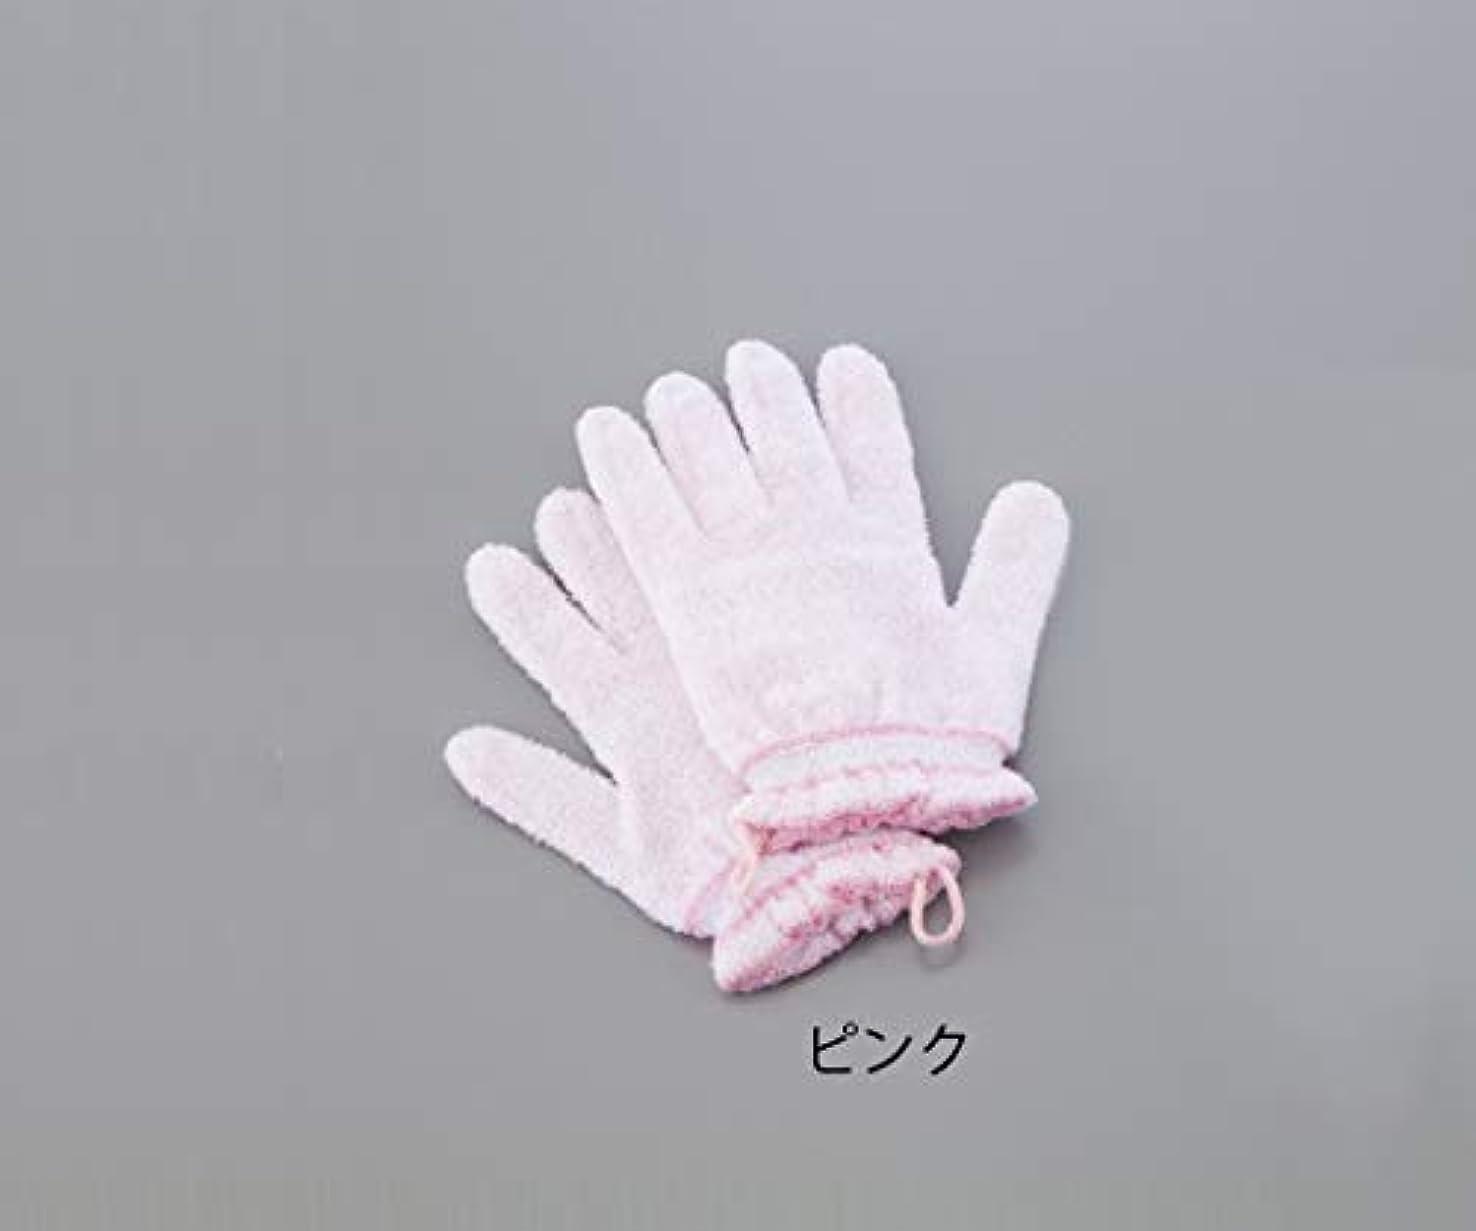 ジョガーキャッチ日記0-4015-01浴用手袋(やさしい手)ピンク